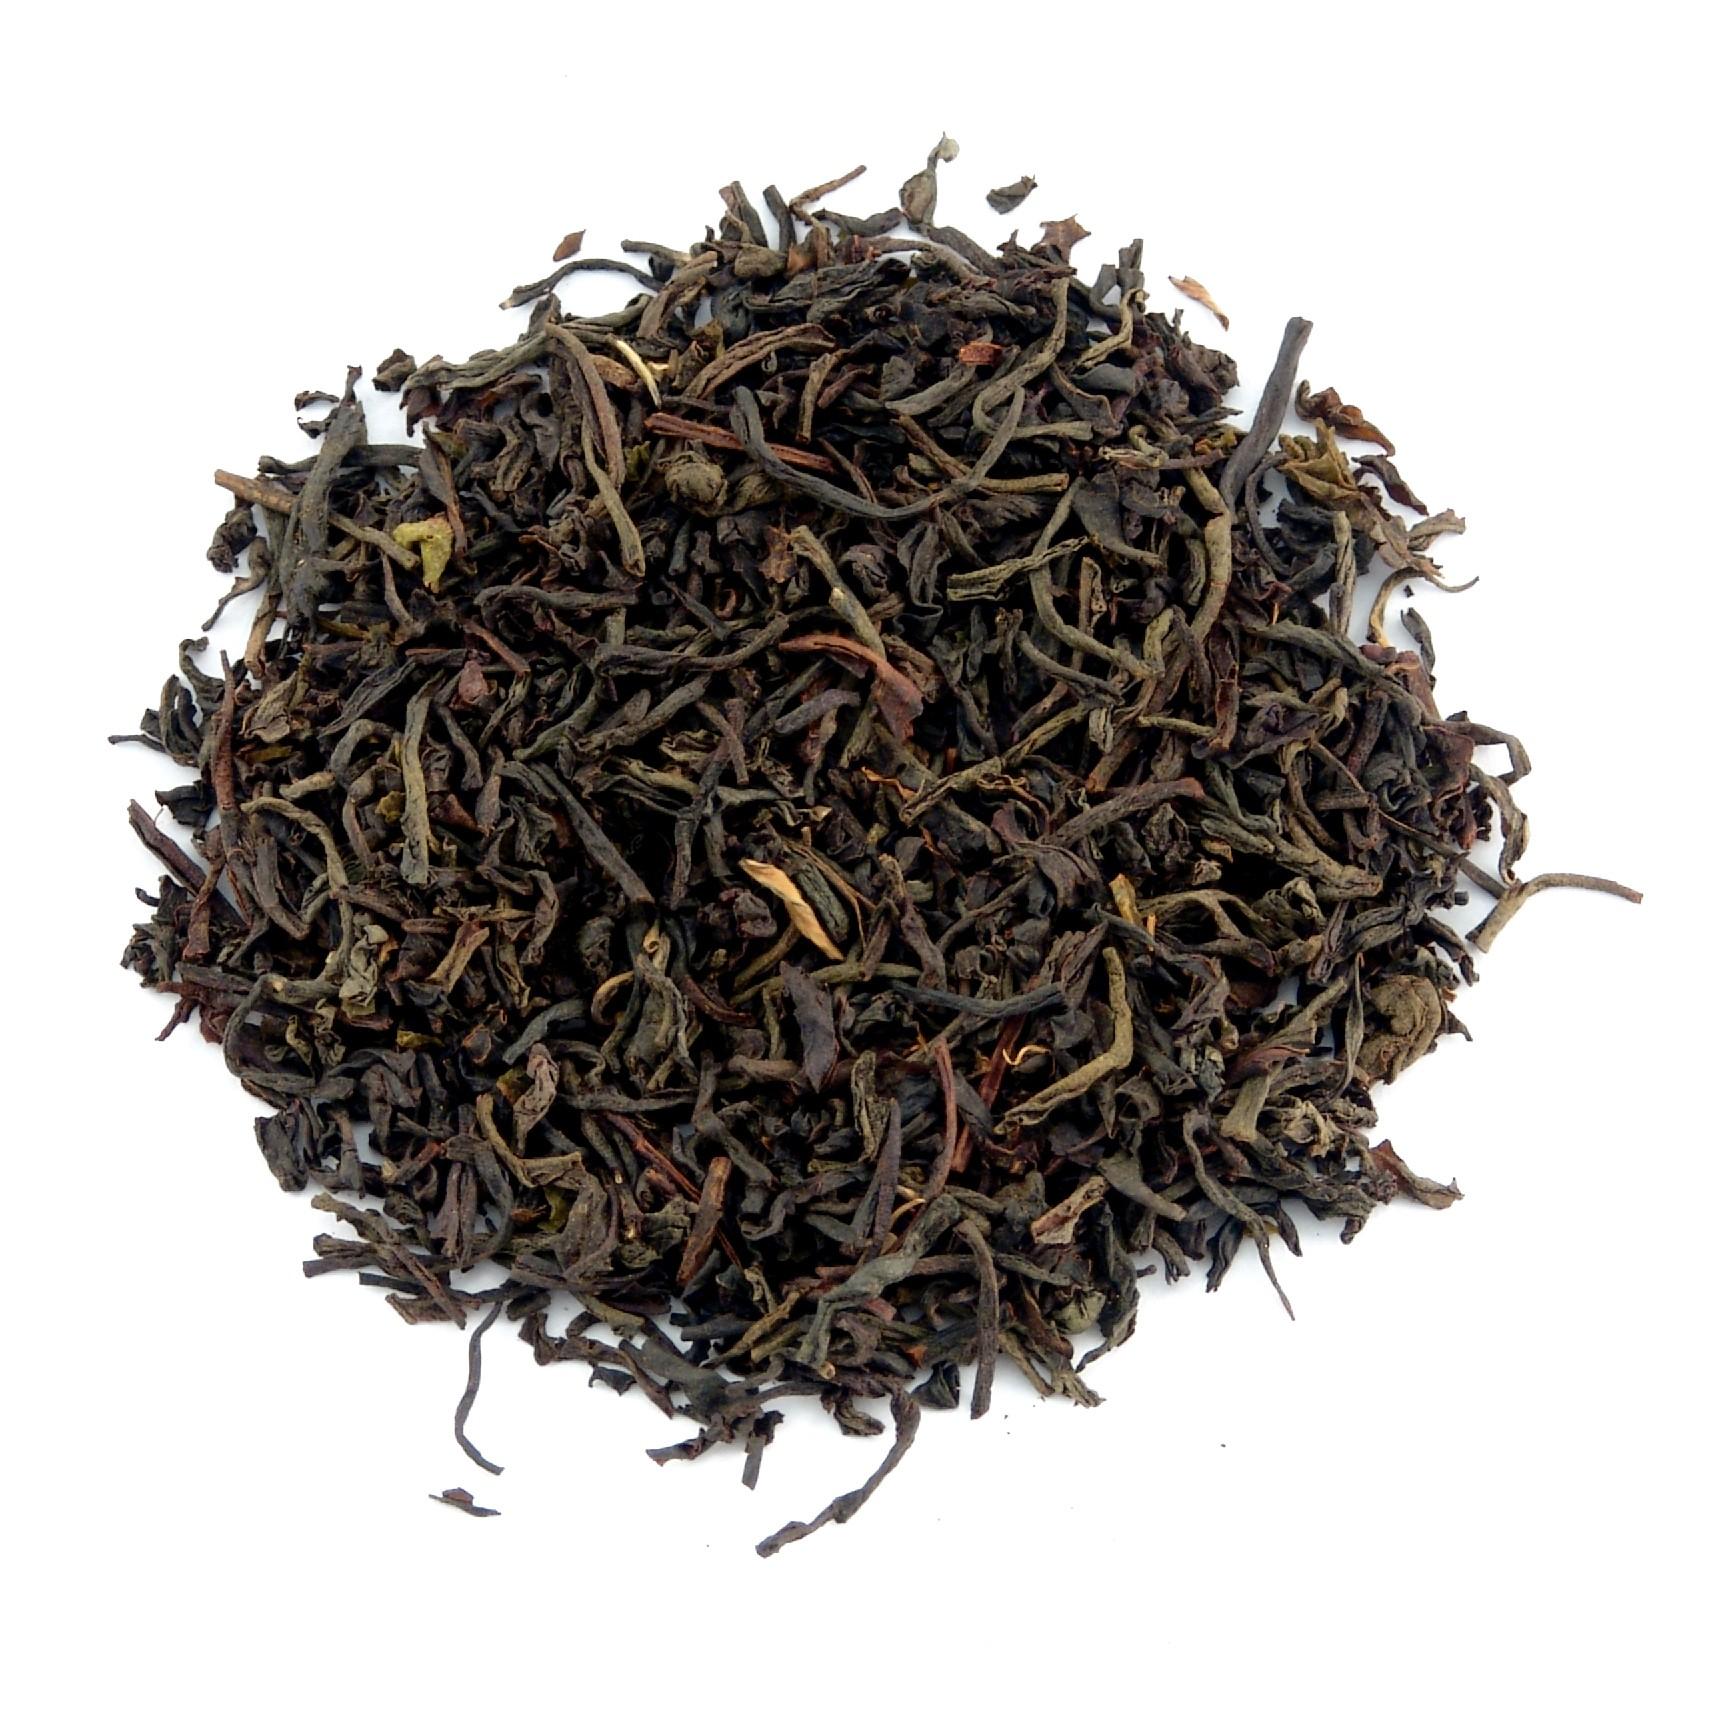 tolsll_ladylondon_-lady_londonderry_tea_loose_leaf